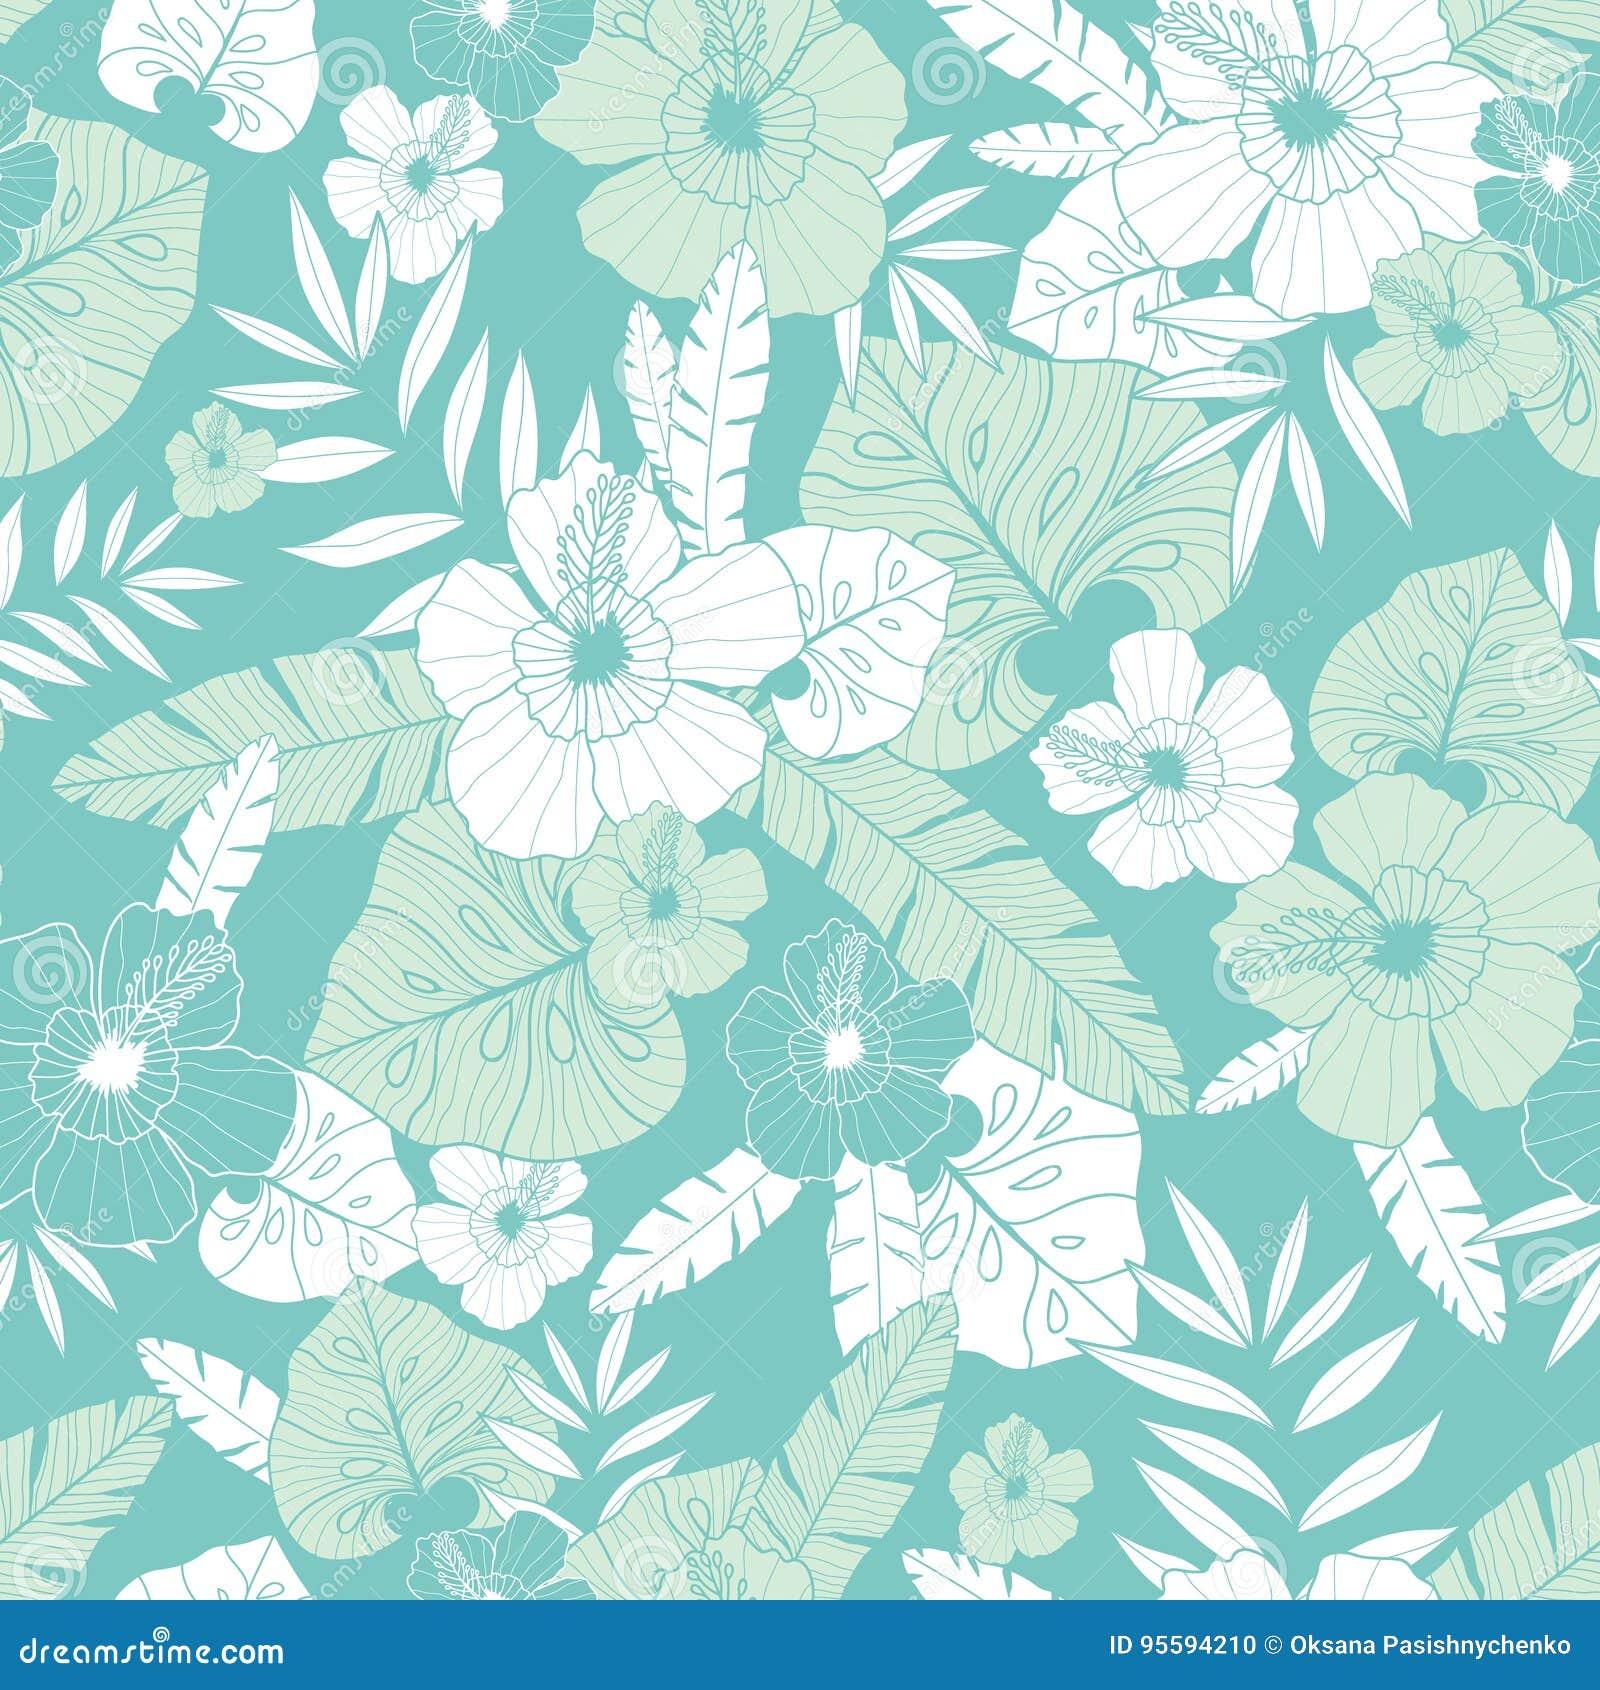 Vector Light Green And Blue Tropical Summer Hawaiian Seamless